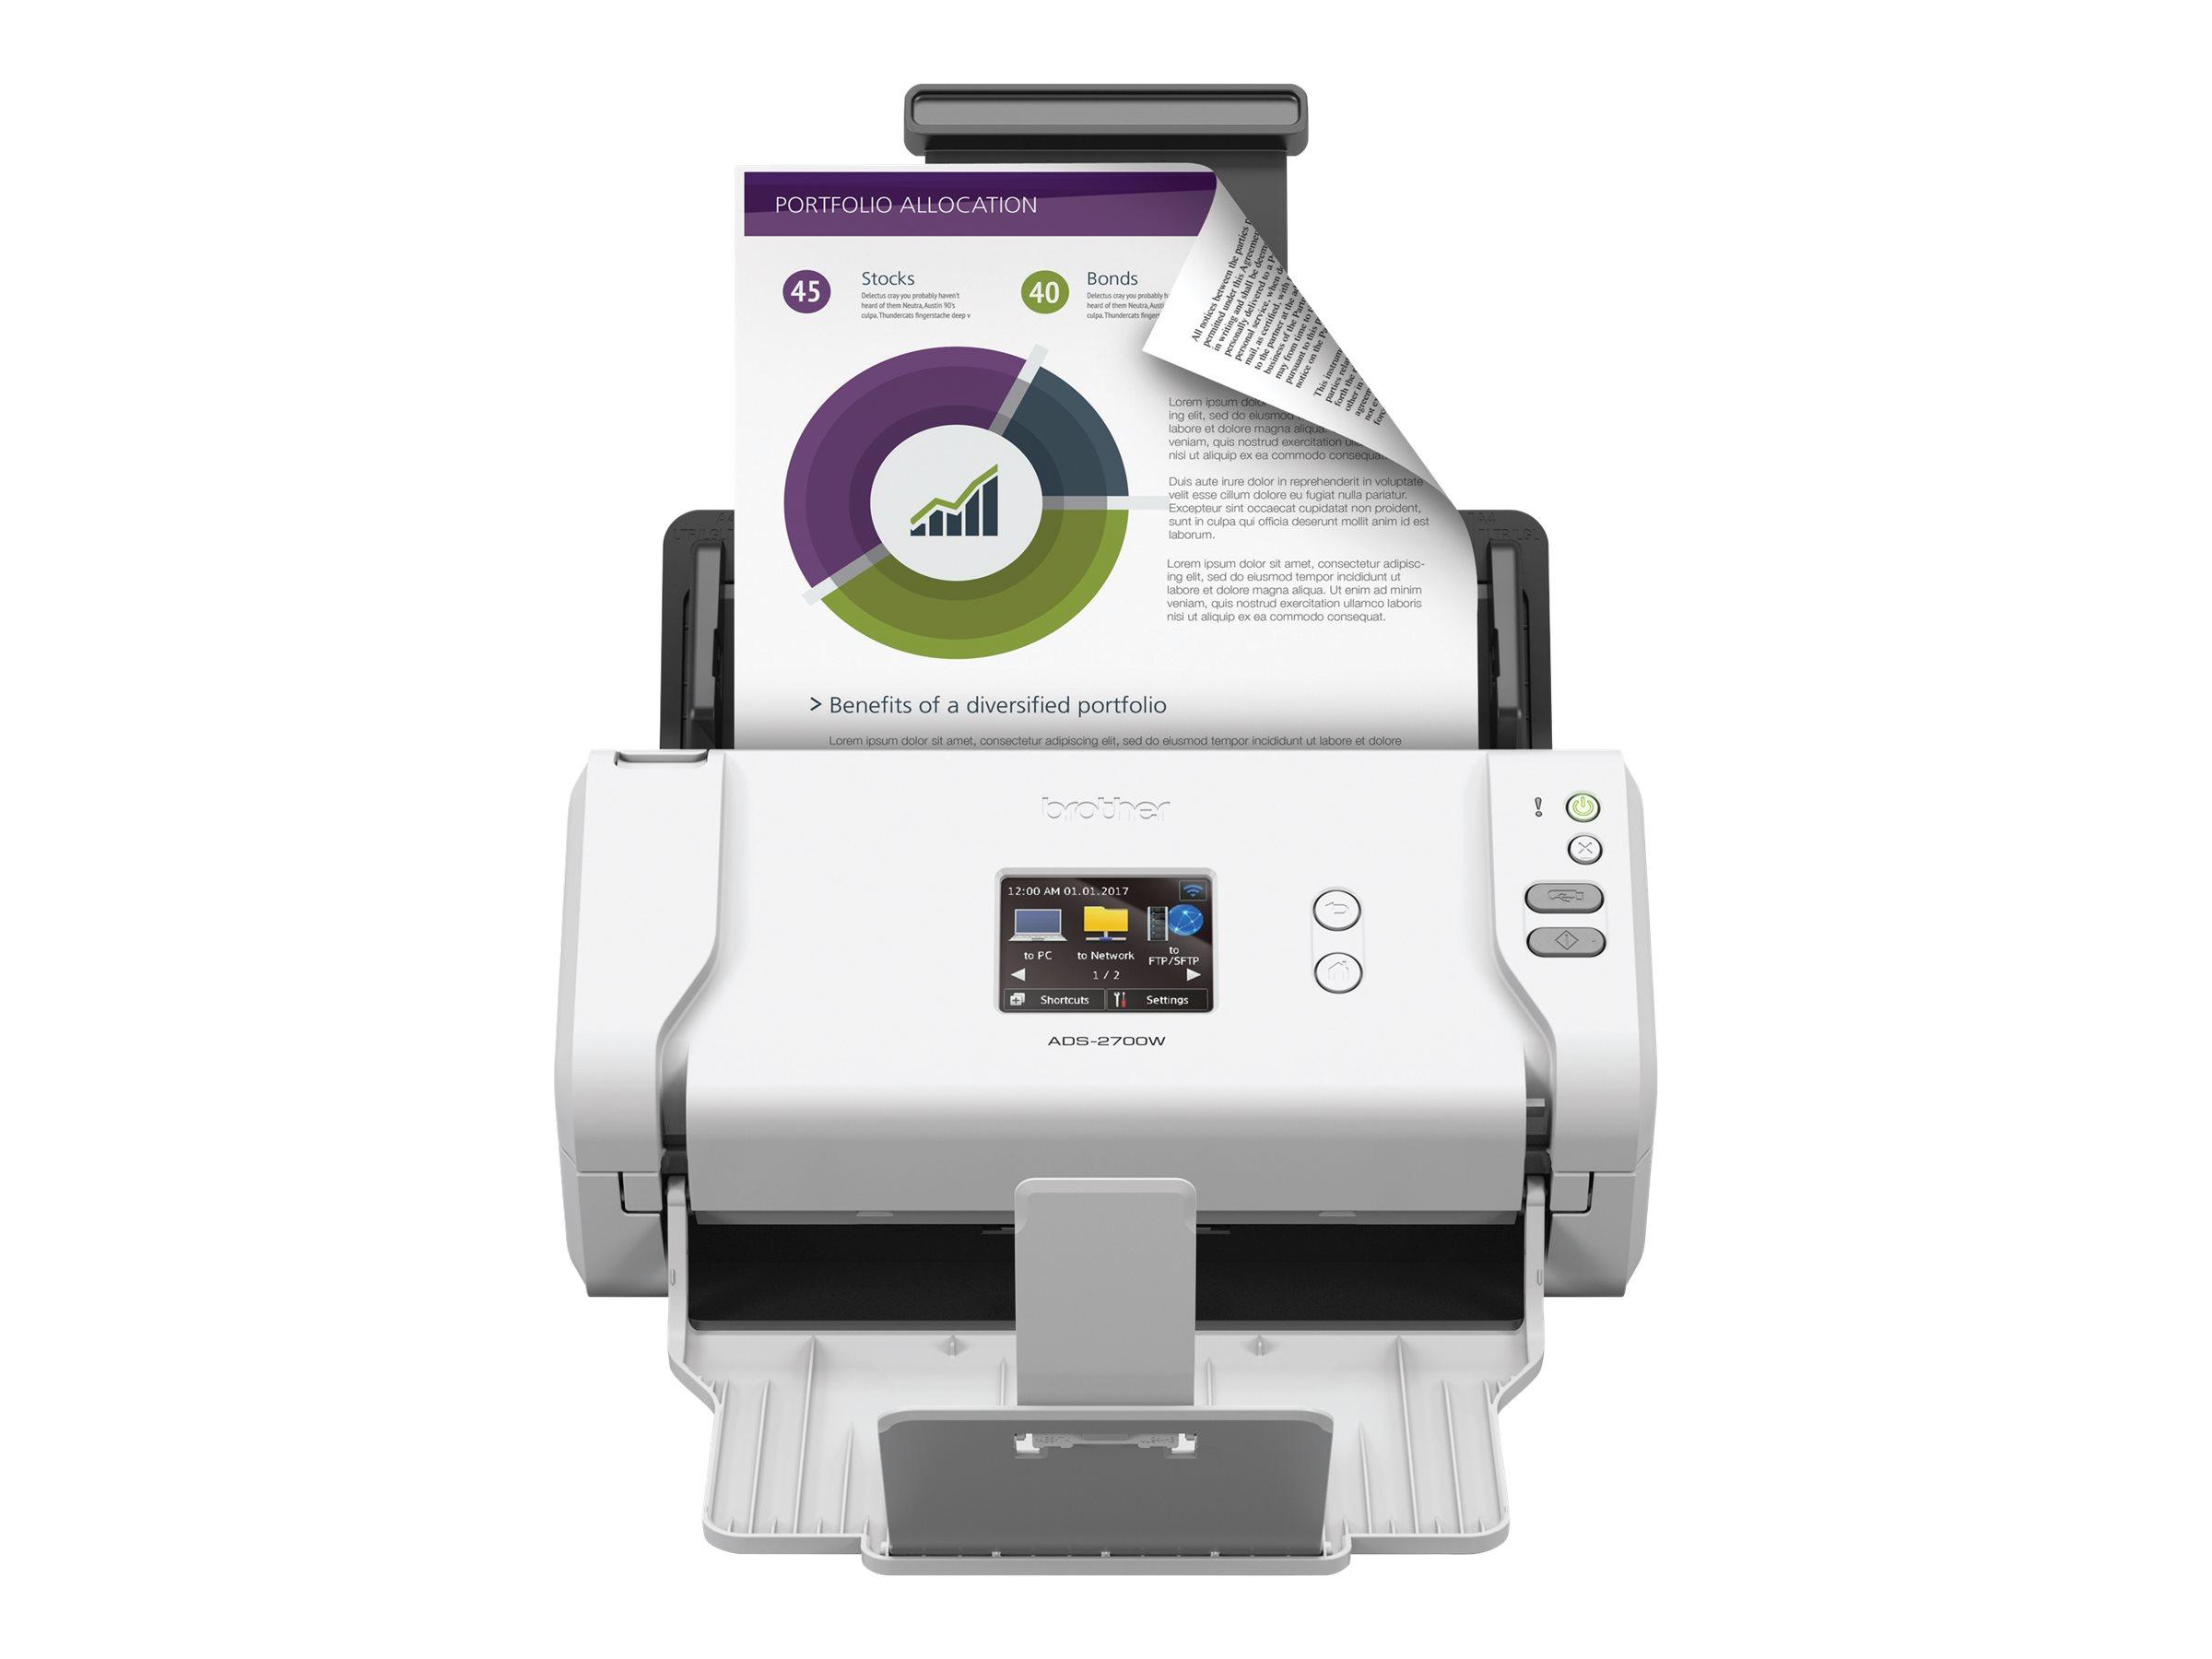 Brother ADS-2700W - Dokumentenscanner - Duplex - Legal - 600 dpi x 600 dpi - bis zu 35 Seiten/Min. (einfarbig)